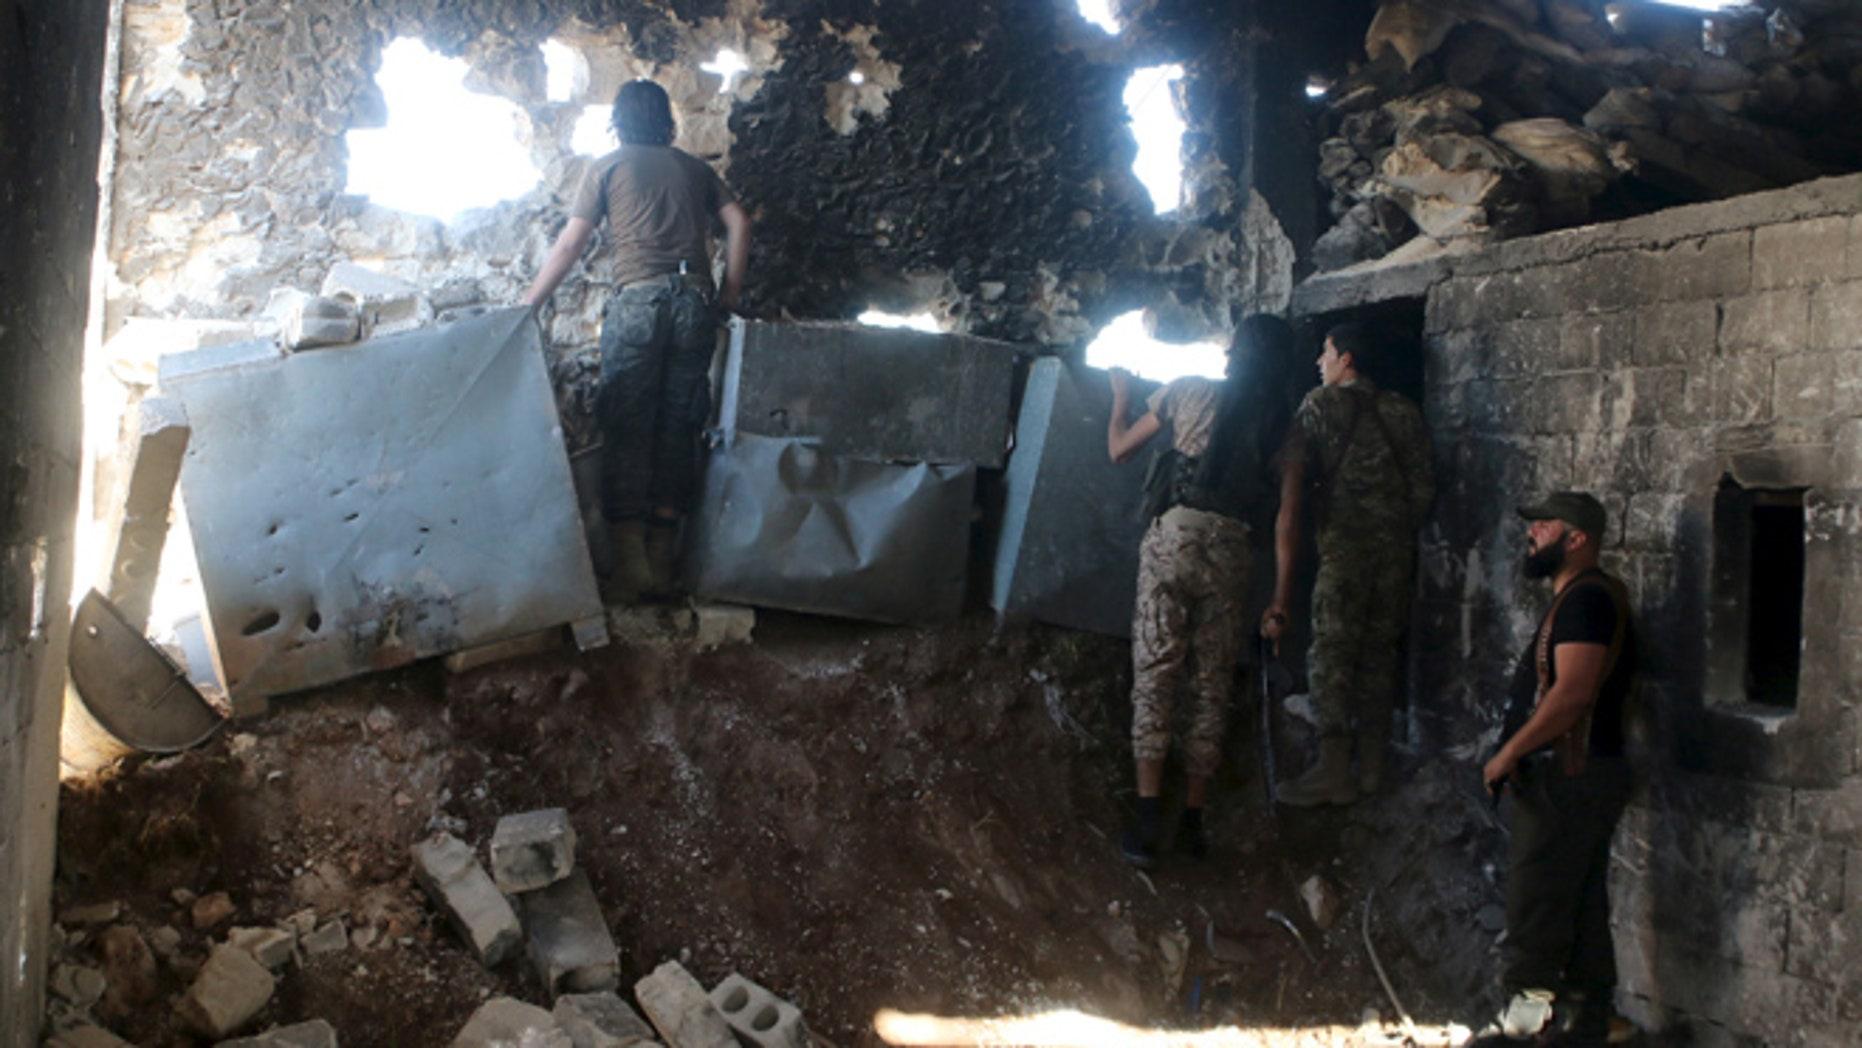 APRIL 19: Harakat Nour al-Din al-Zenki fighters look out inside a damaged building in Handarat area, north of Aleppo Syria April 19, 2016.